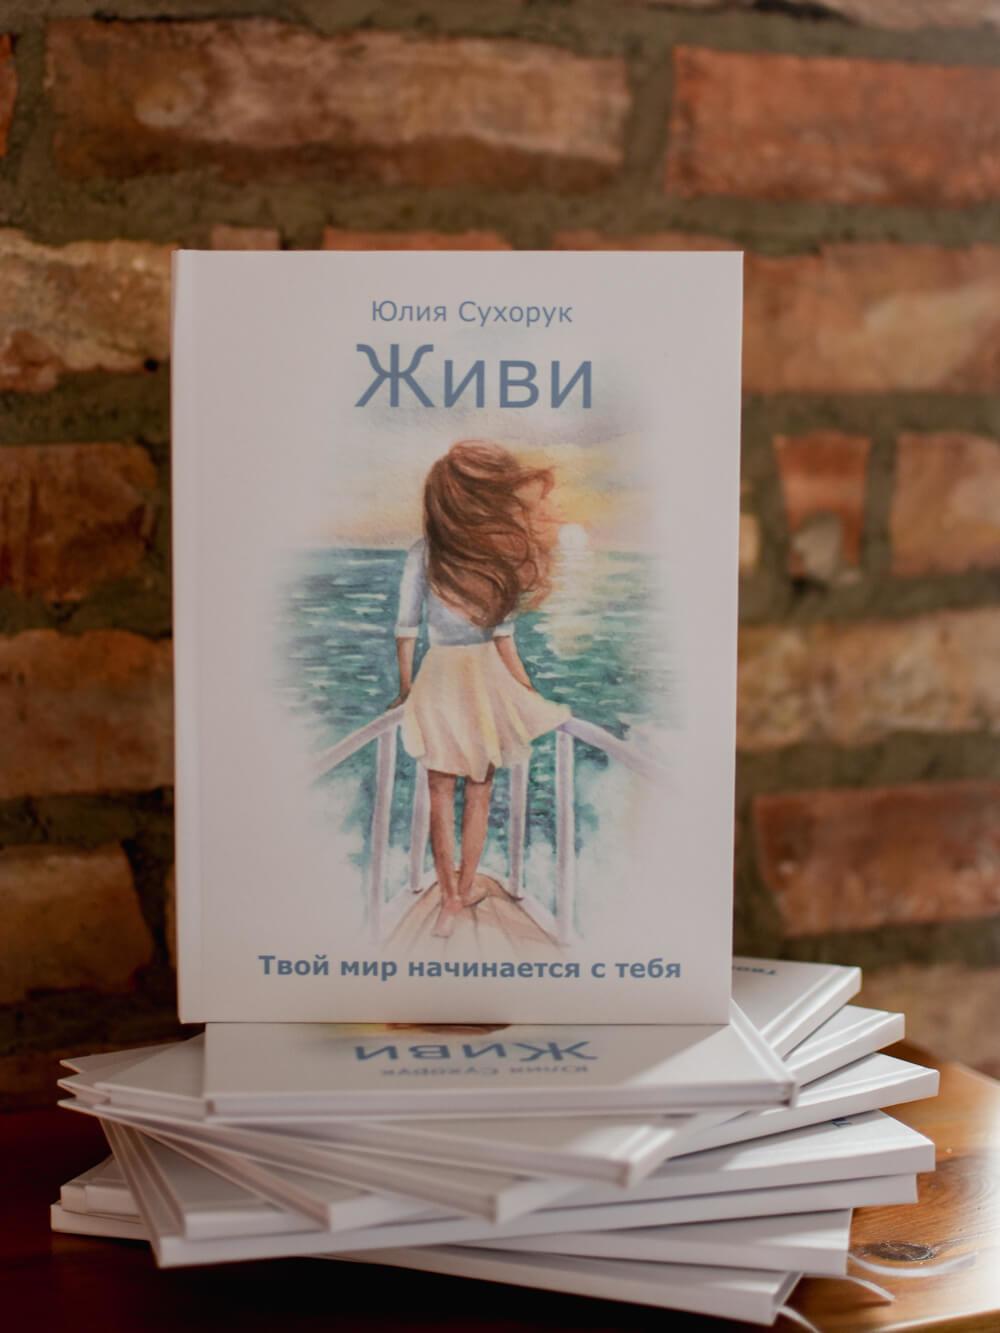 Живи. Твой мир начинается с тебя. Автор — Юлия Сухорук. Переплет —